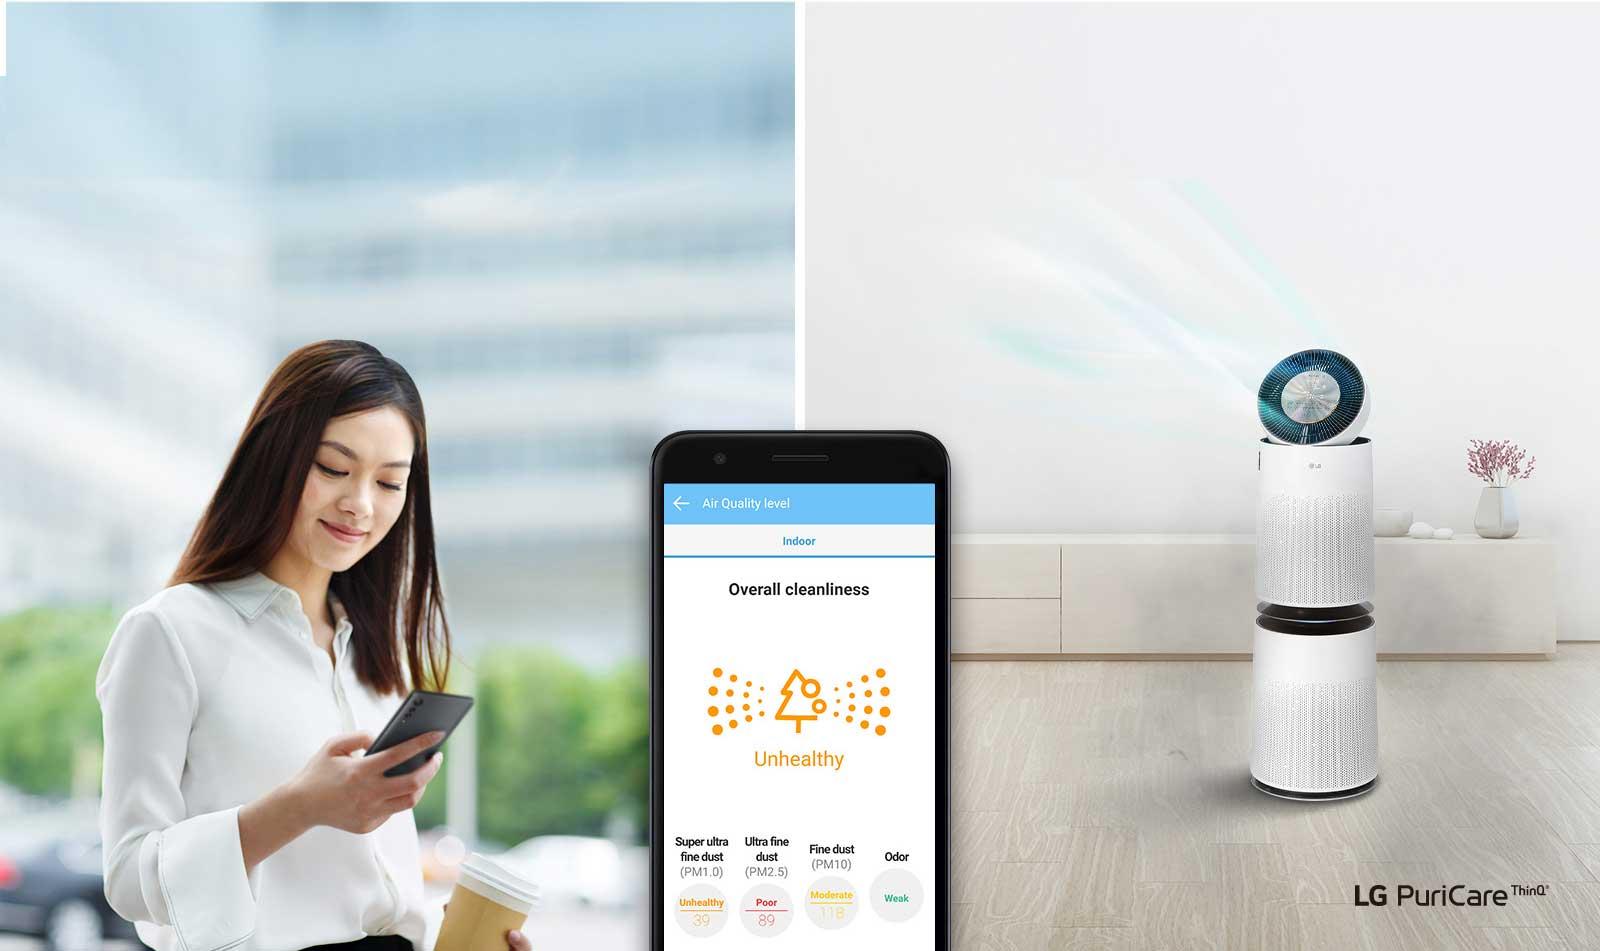 Hình ảnh mô tả người phụ nữ sử dụng ứng dụng LG ThinQ để điều khiển máy lọc khí